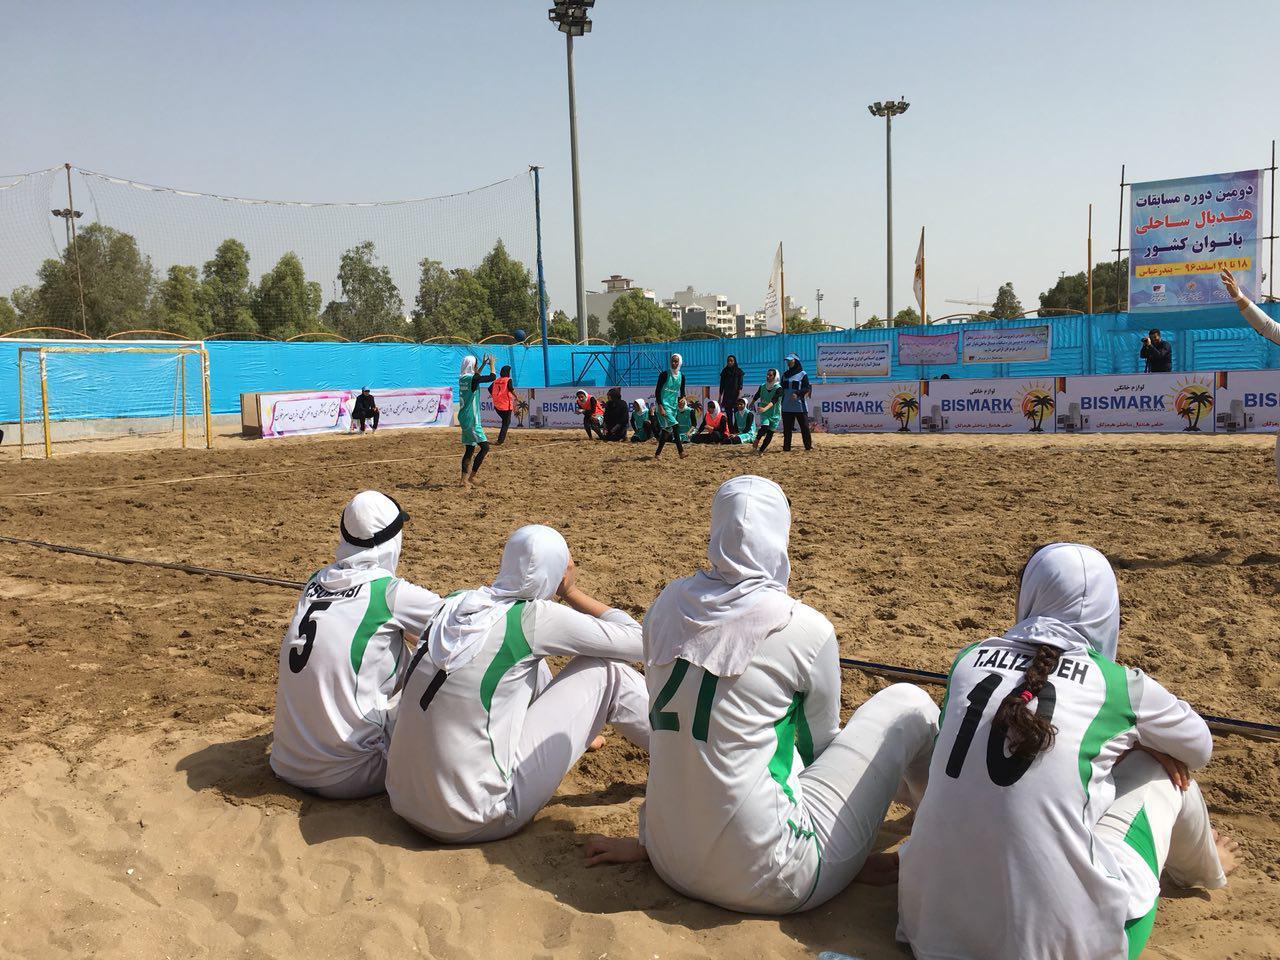 هندبال ساحلی کشور در بندر عباس ؛ قهرمانی اصفهان با پیروزی بر میزبان (تصاویر)